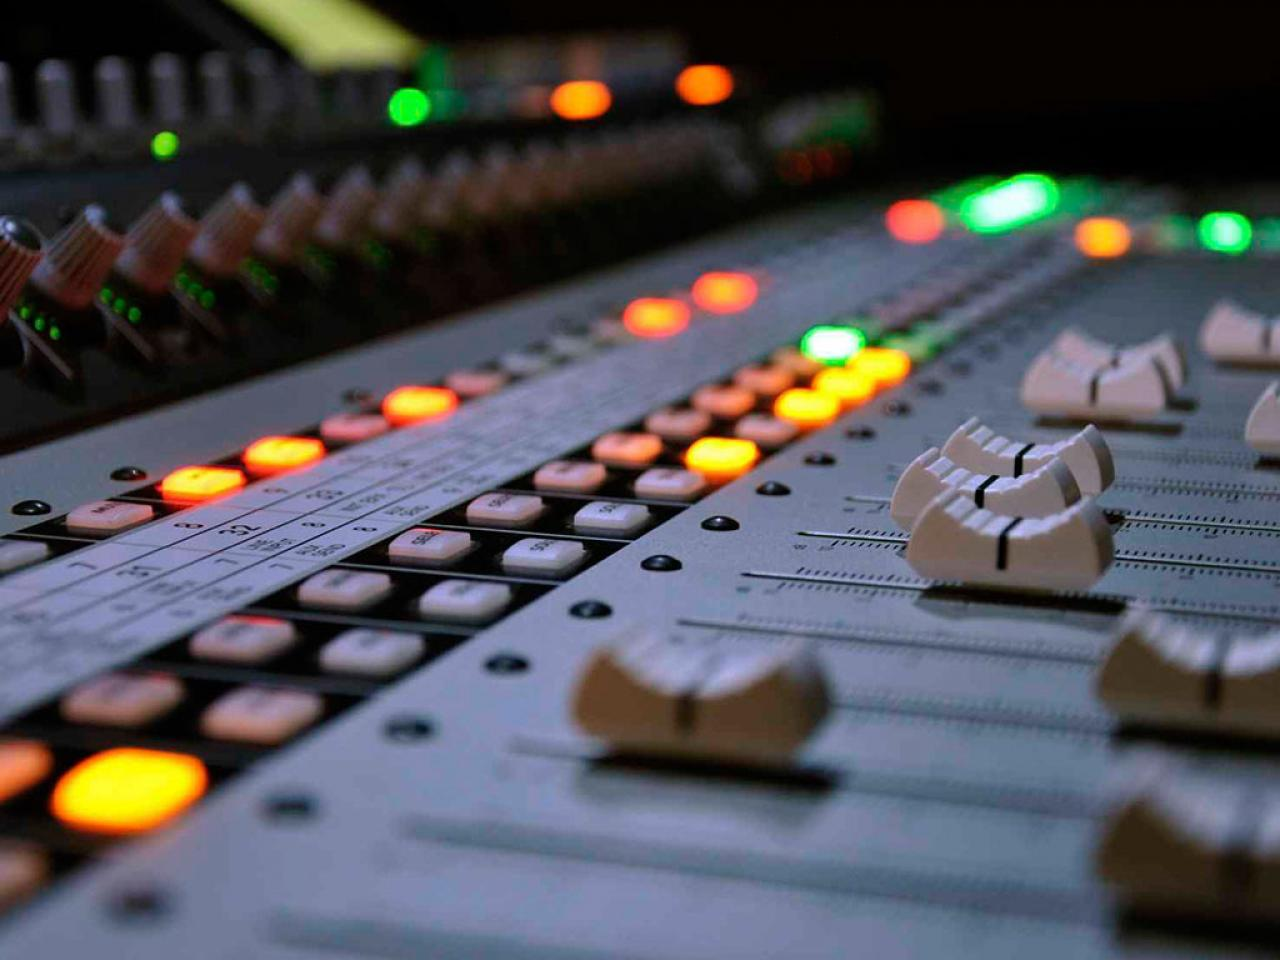 Imagen de Postproducci�n, mezcla y edici�n de audio por Movidagrafica